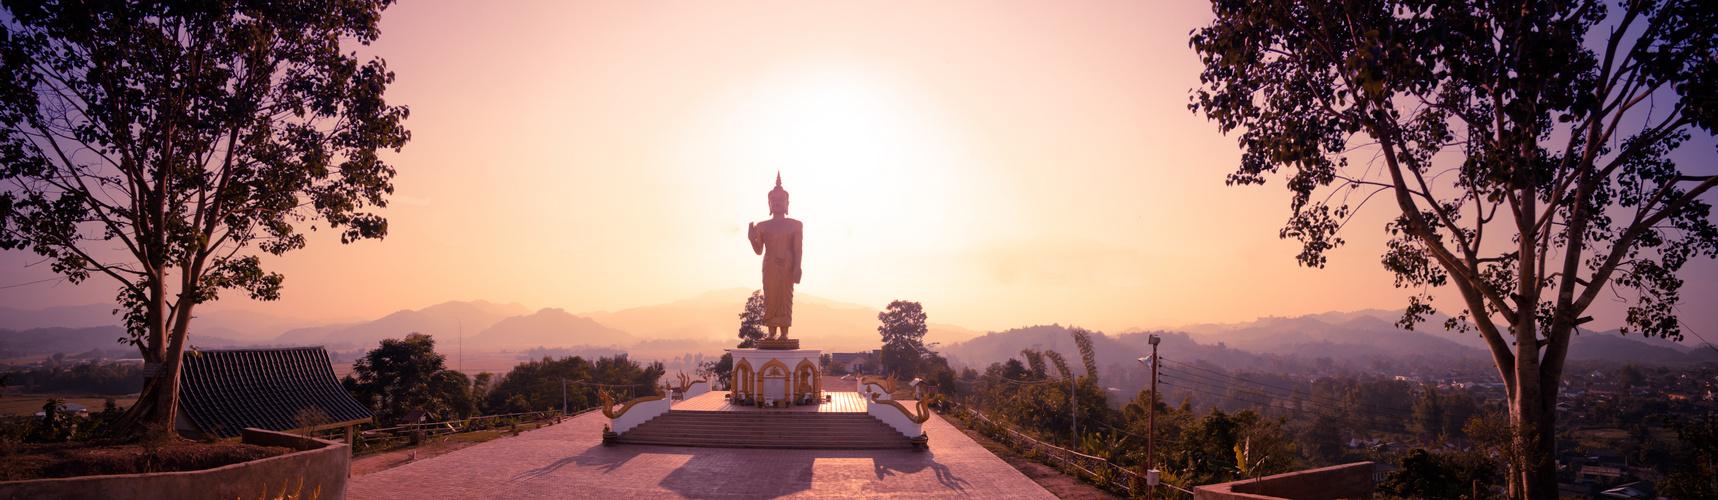 Sundown at the temple